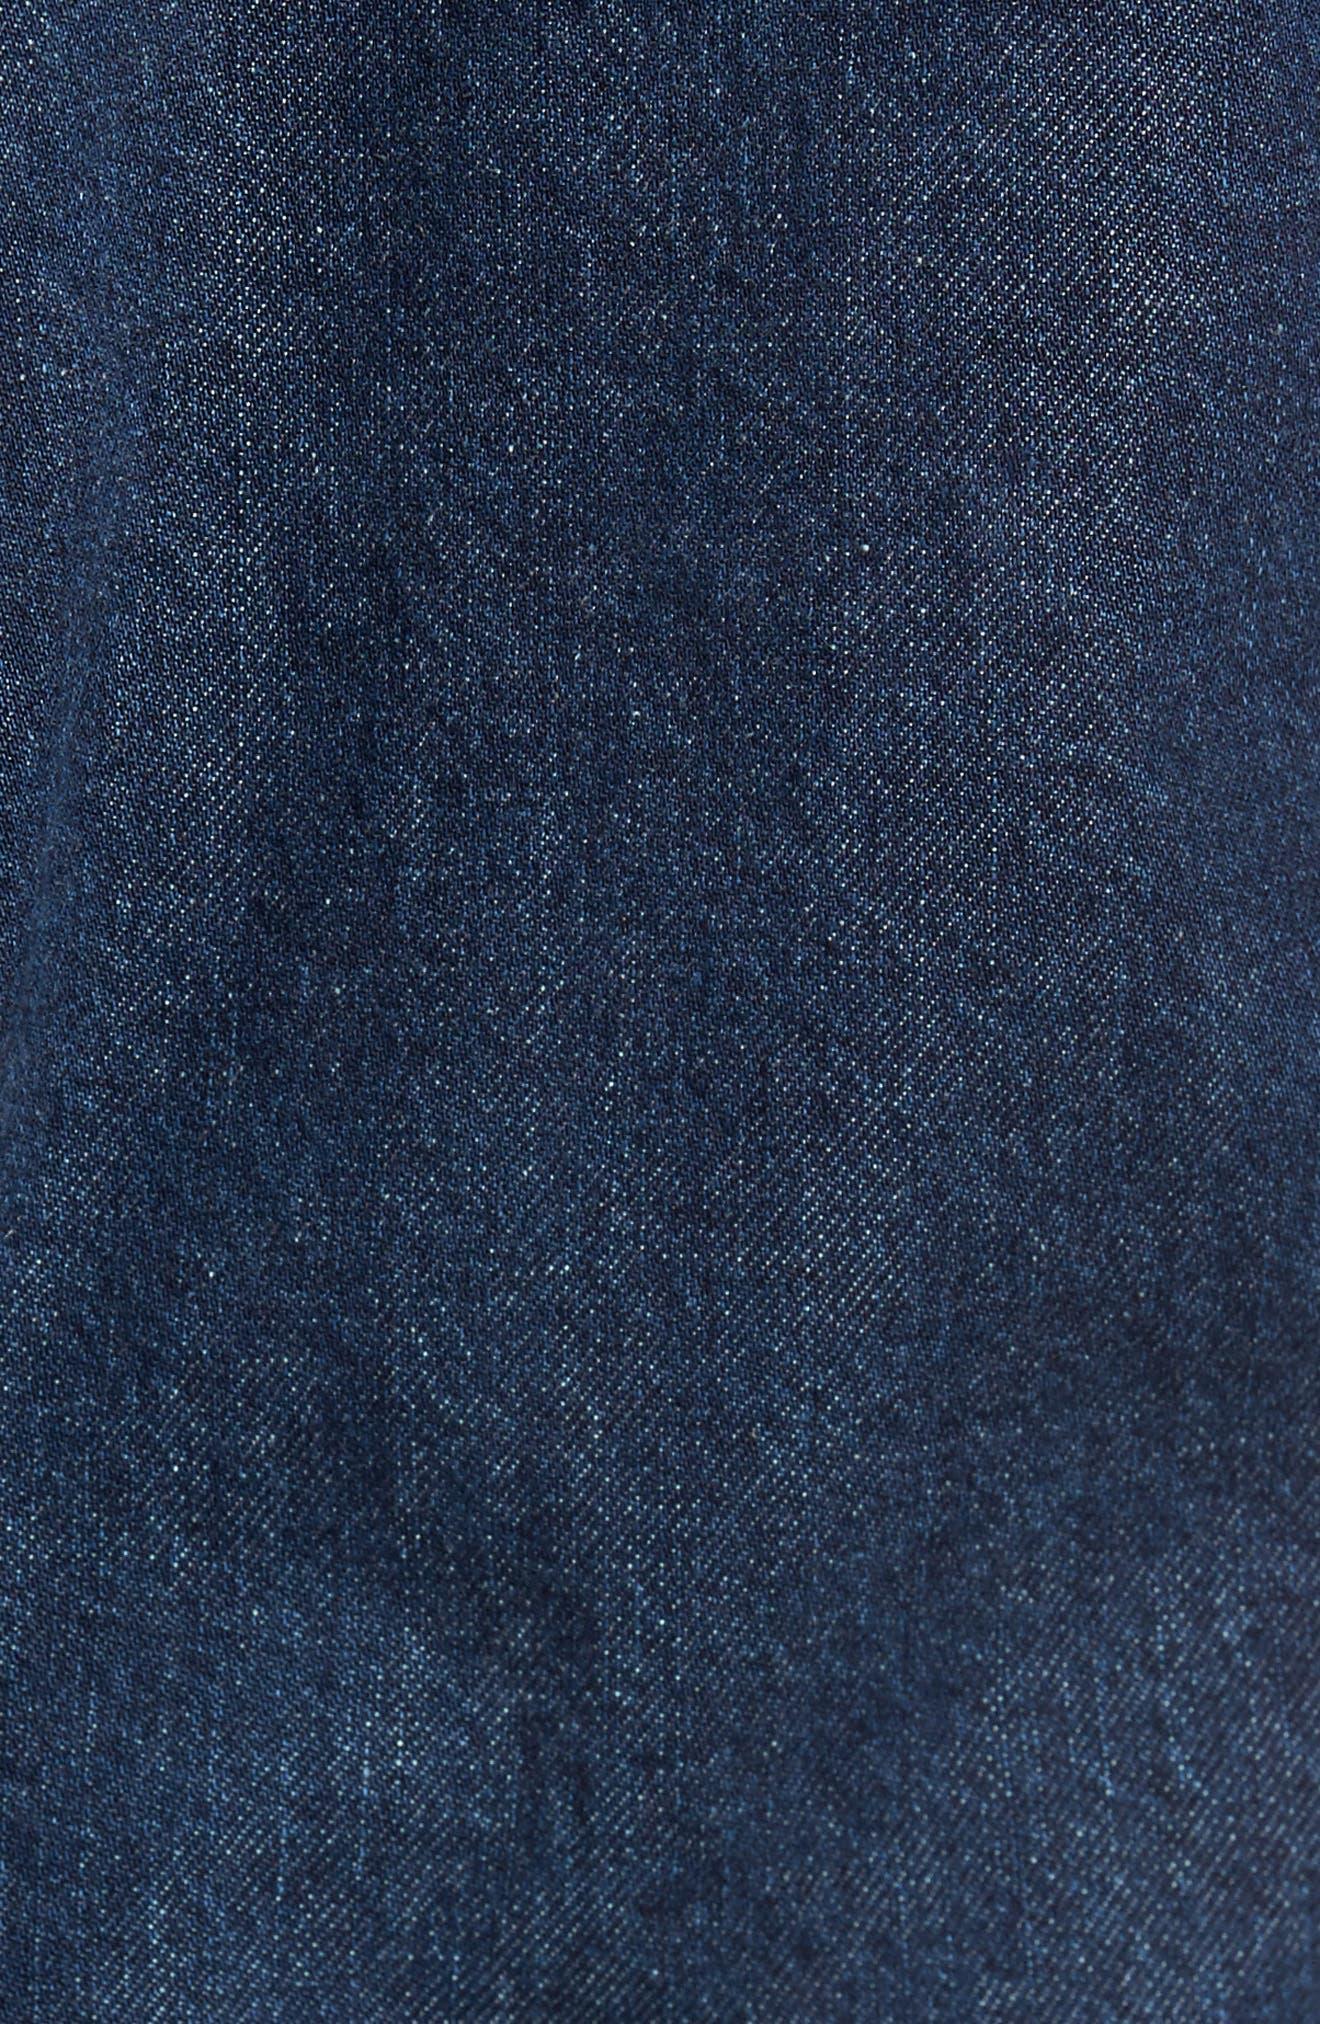 Regular Fit Lined Denim Jacket,                             Alternate thumbnail 6, color,